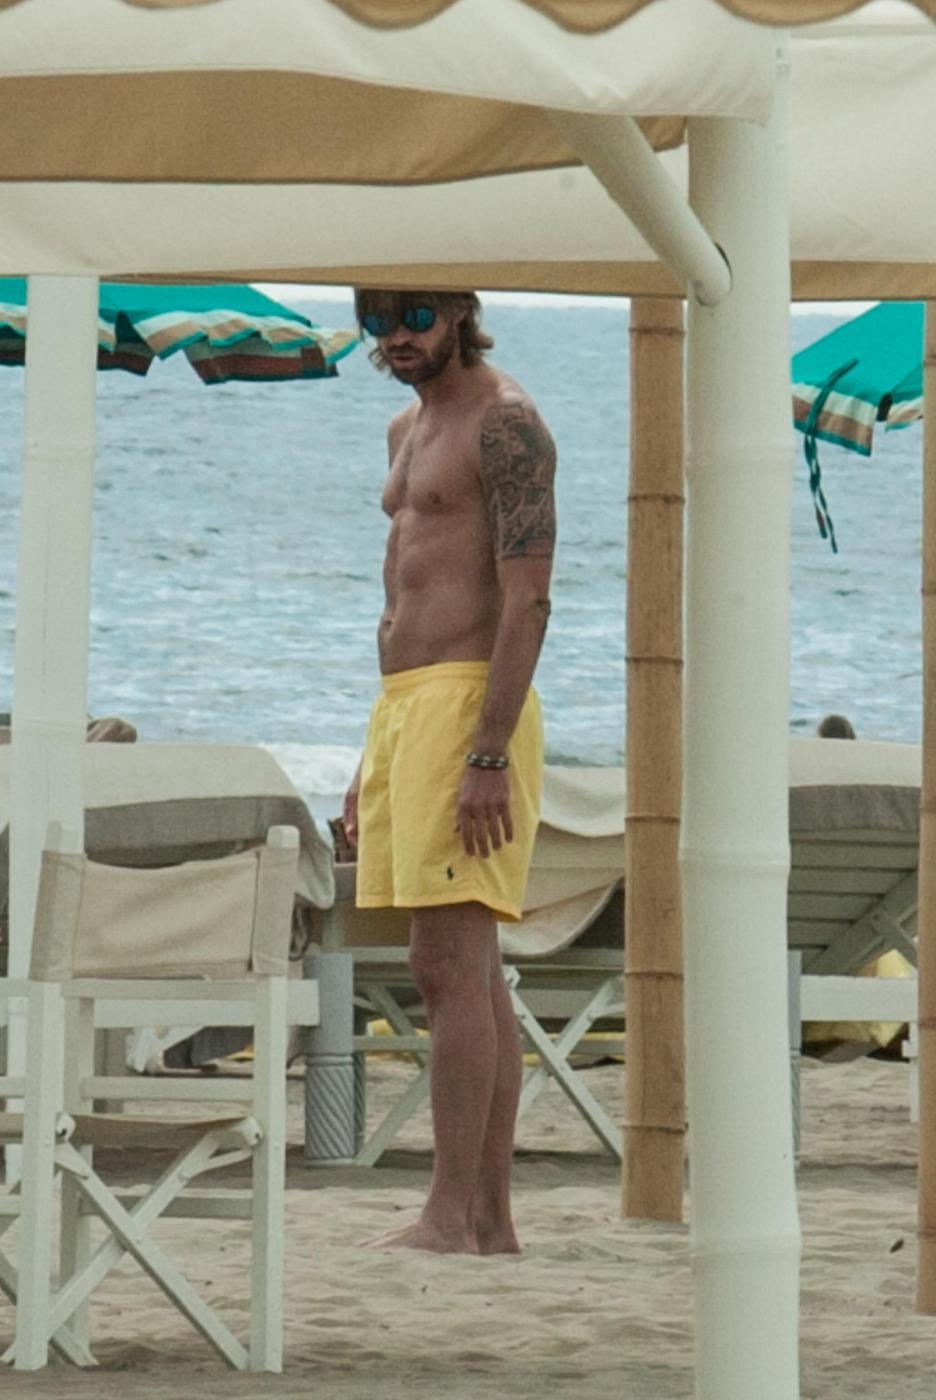 Juventus, Marco Storari al mare a Forte dei Marmi in attesa di Berlino02